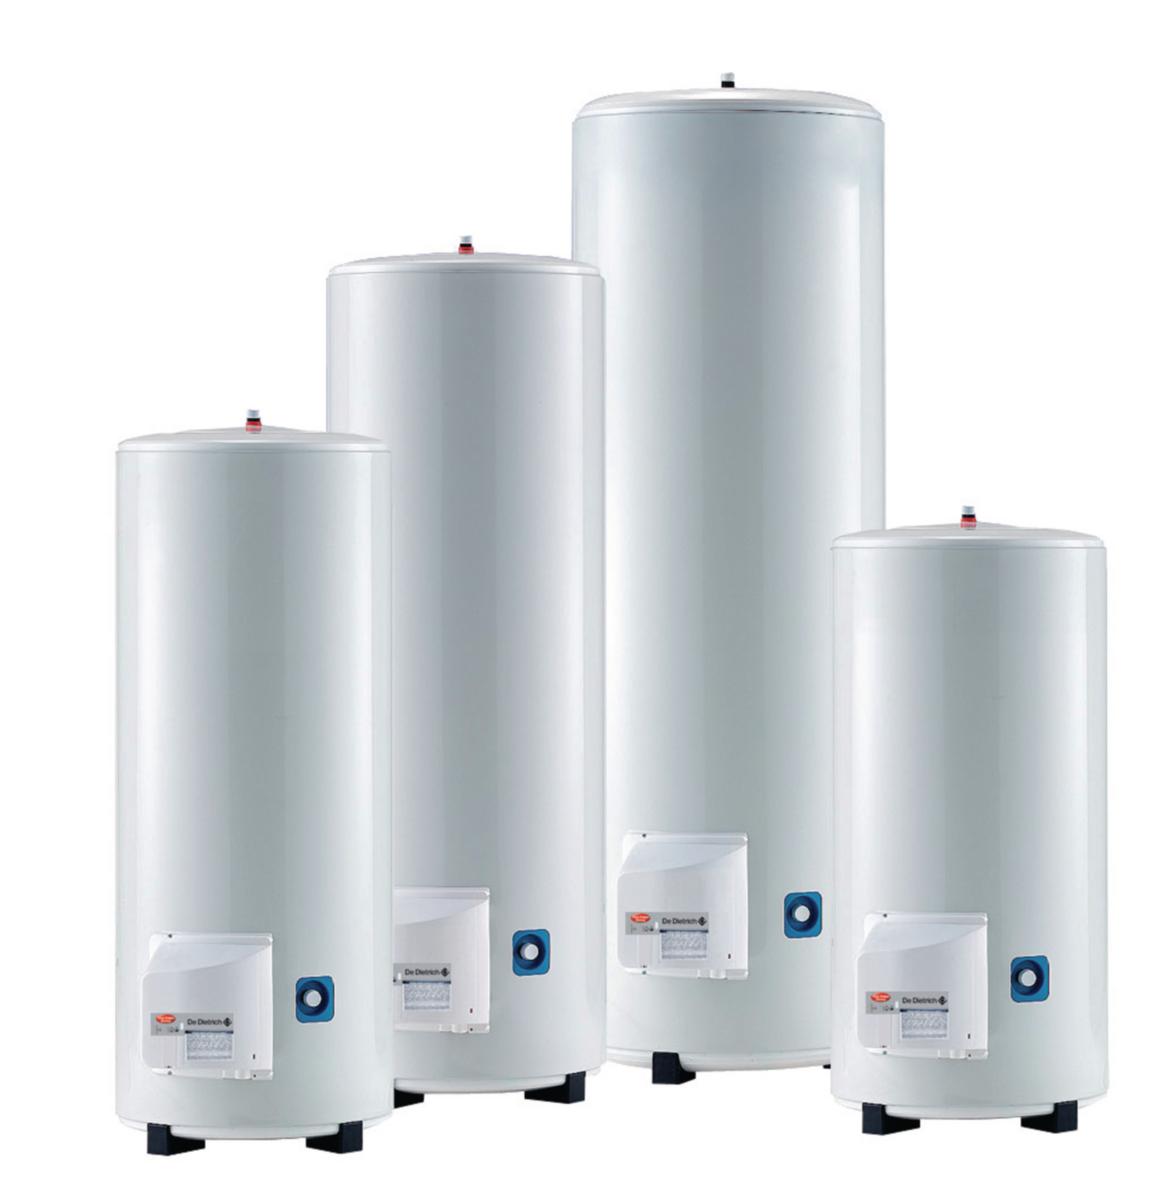 chauffe eau electrique classe a